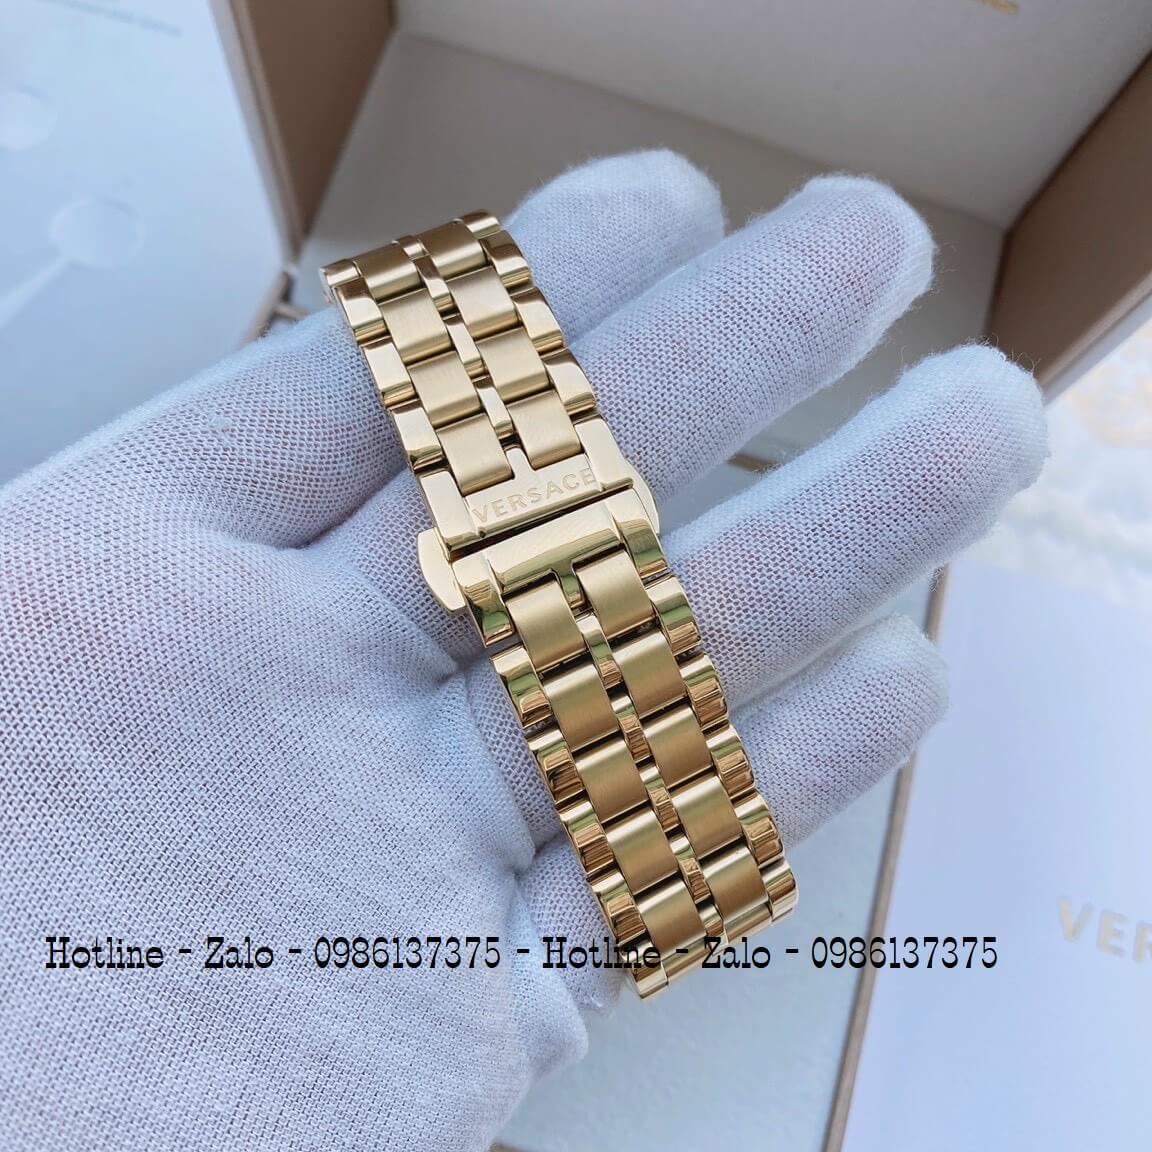 Đồng Hồ Cặp Versace Aion 44mm - Versace Daphnis 35mm - Vàng Trắng